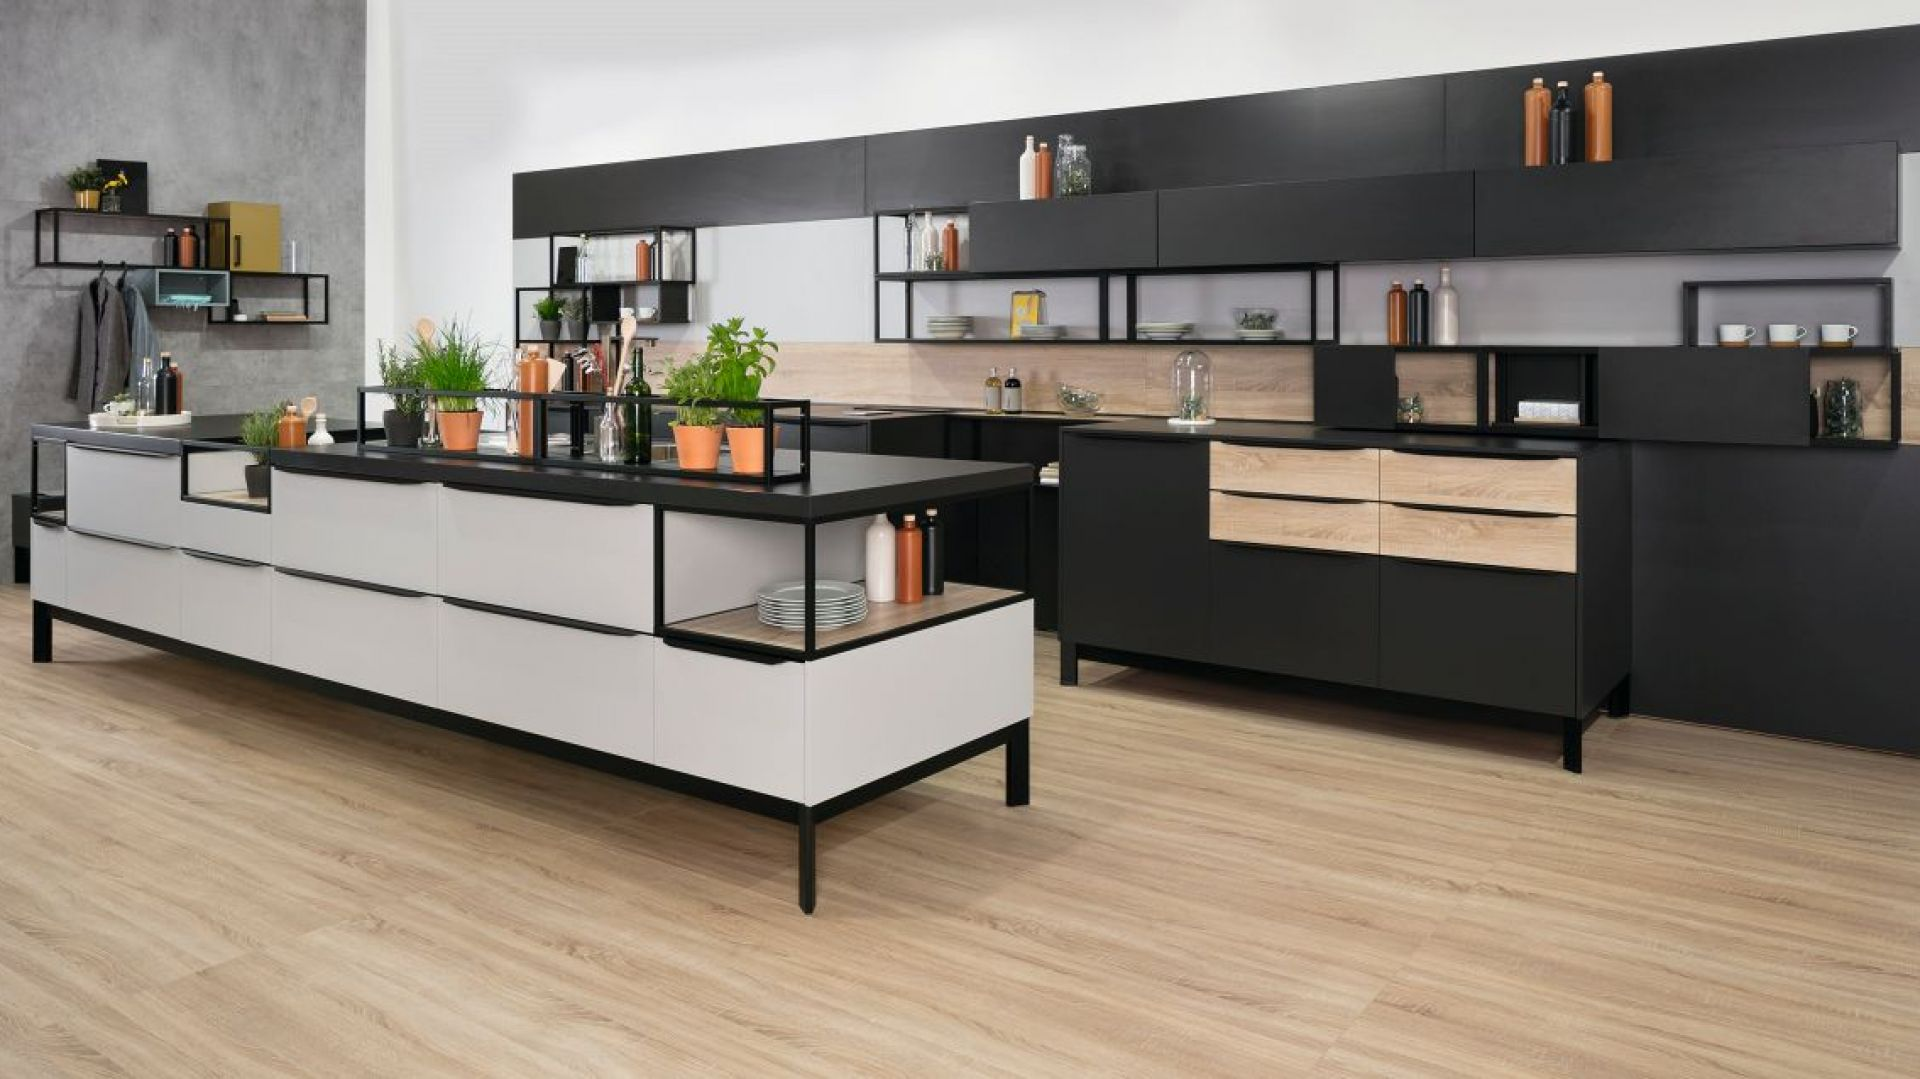 Modułowy system półek Smartcube wyróżnia się nowoczesnym stylem i geometryczną formą z możliwością rozbudowy. Fot. Peka